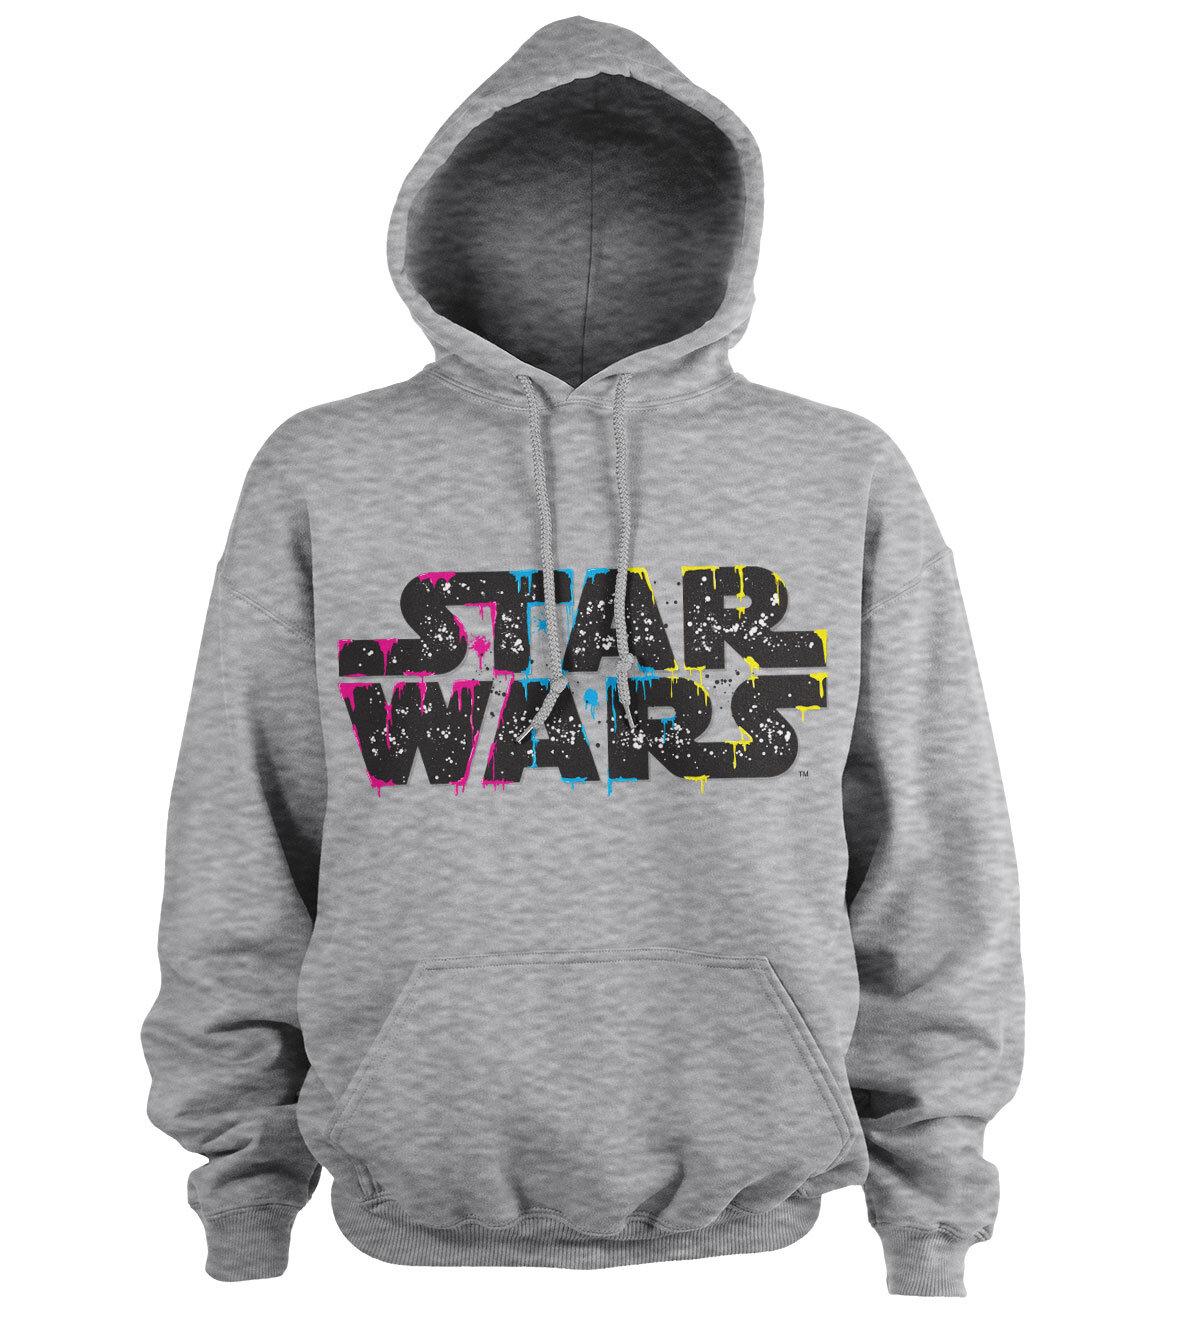 Inked Star Wars Logo Hoodie